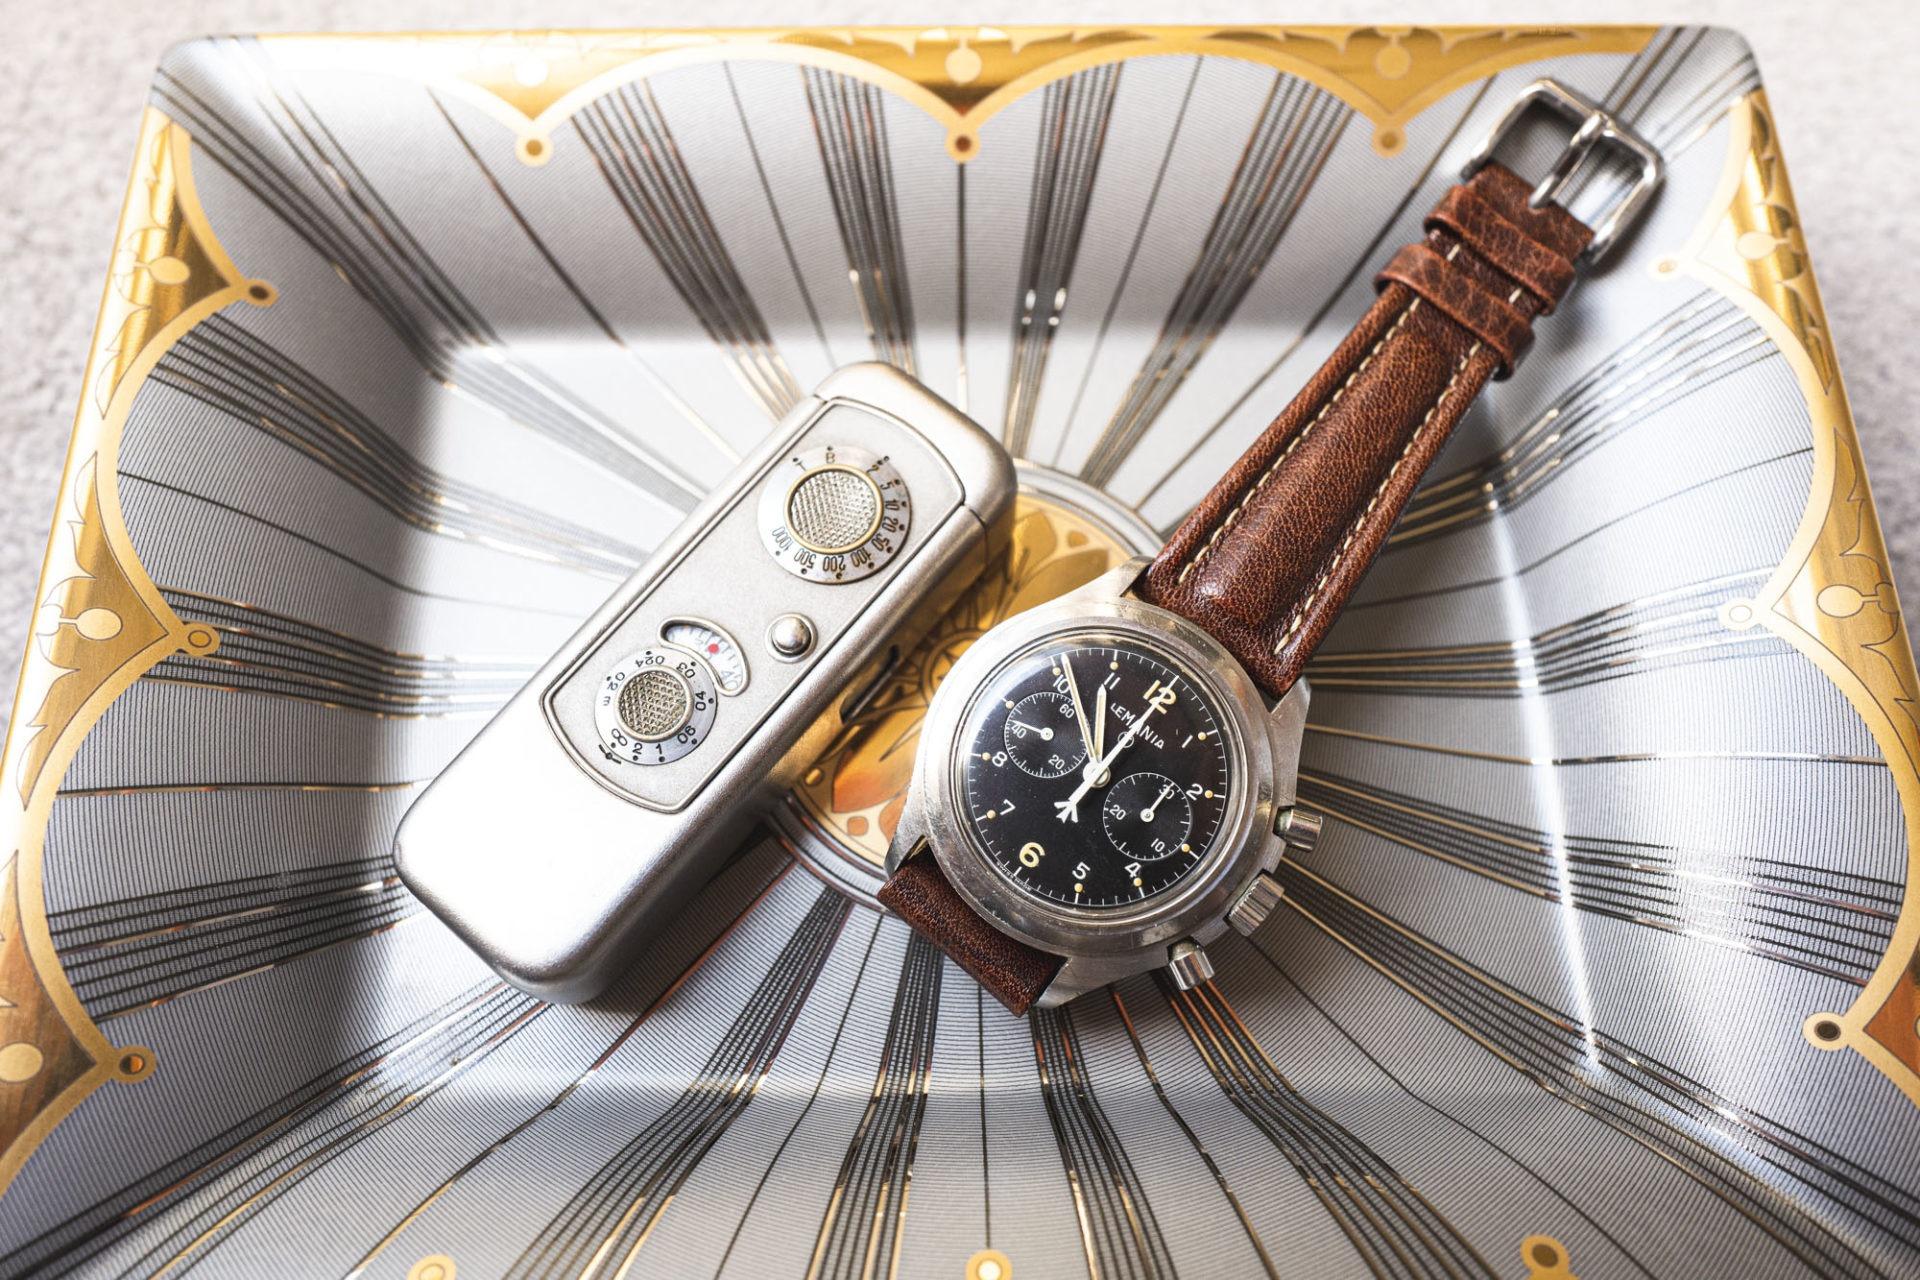 Chronographe Lemania et Minox Riga - Vente importante de montres de collection par Tajan le 2 juillet